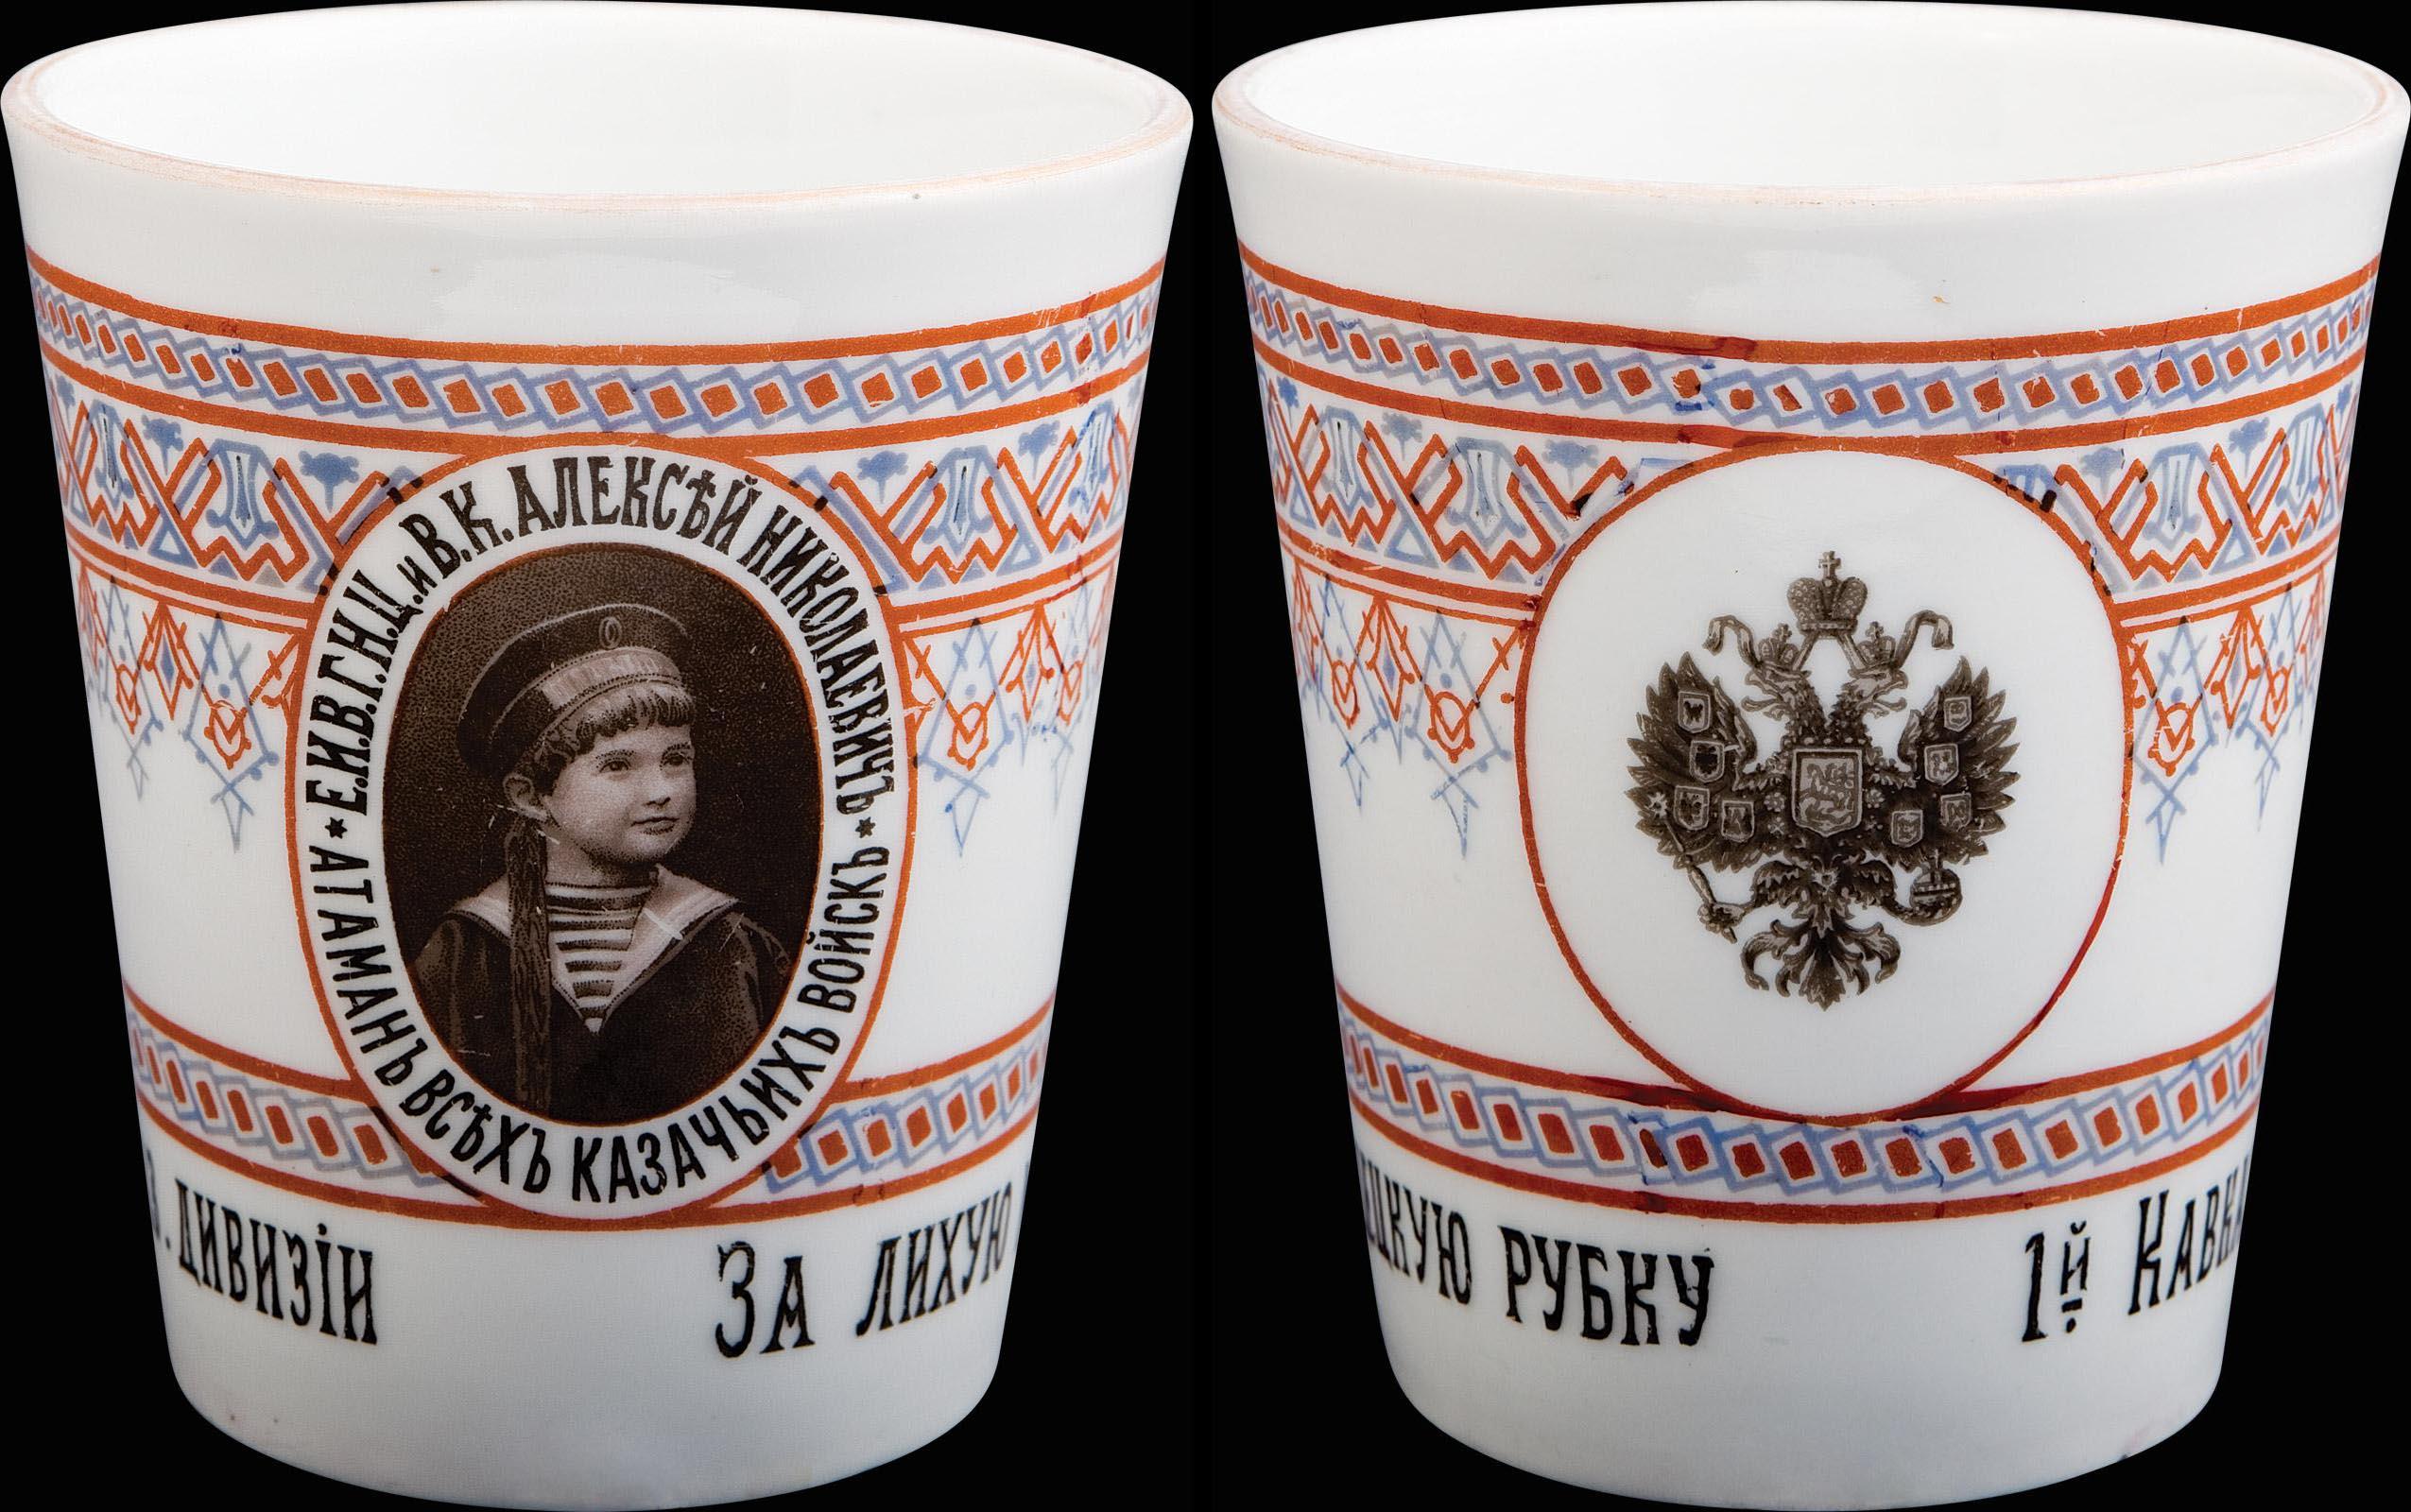 0_97ef7_1ffb57f1_origСтакан 1-й Кавказской казачьей дивизии «За лихую молодецкую рубку».